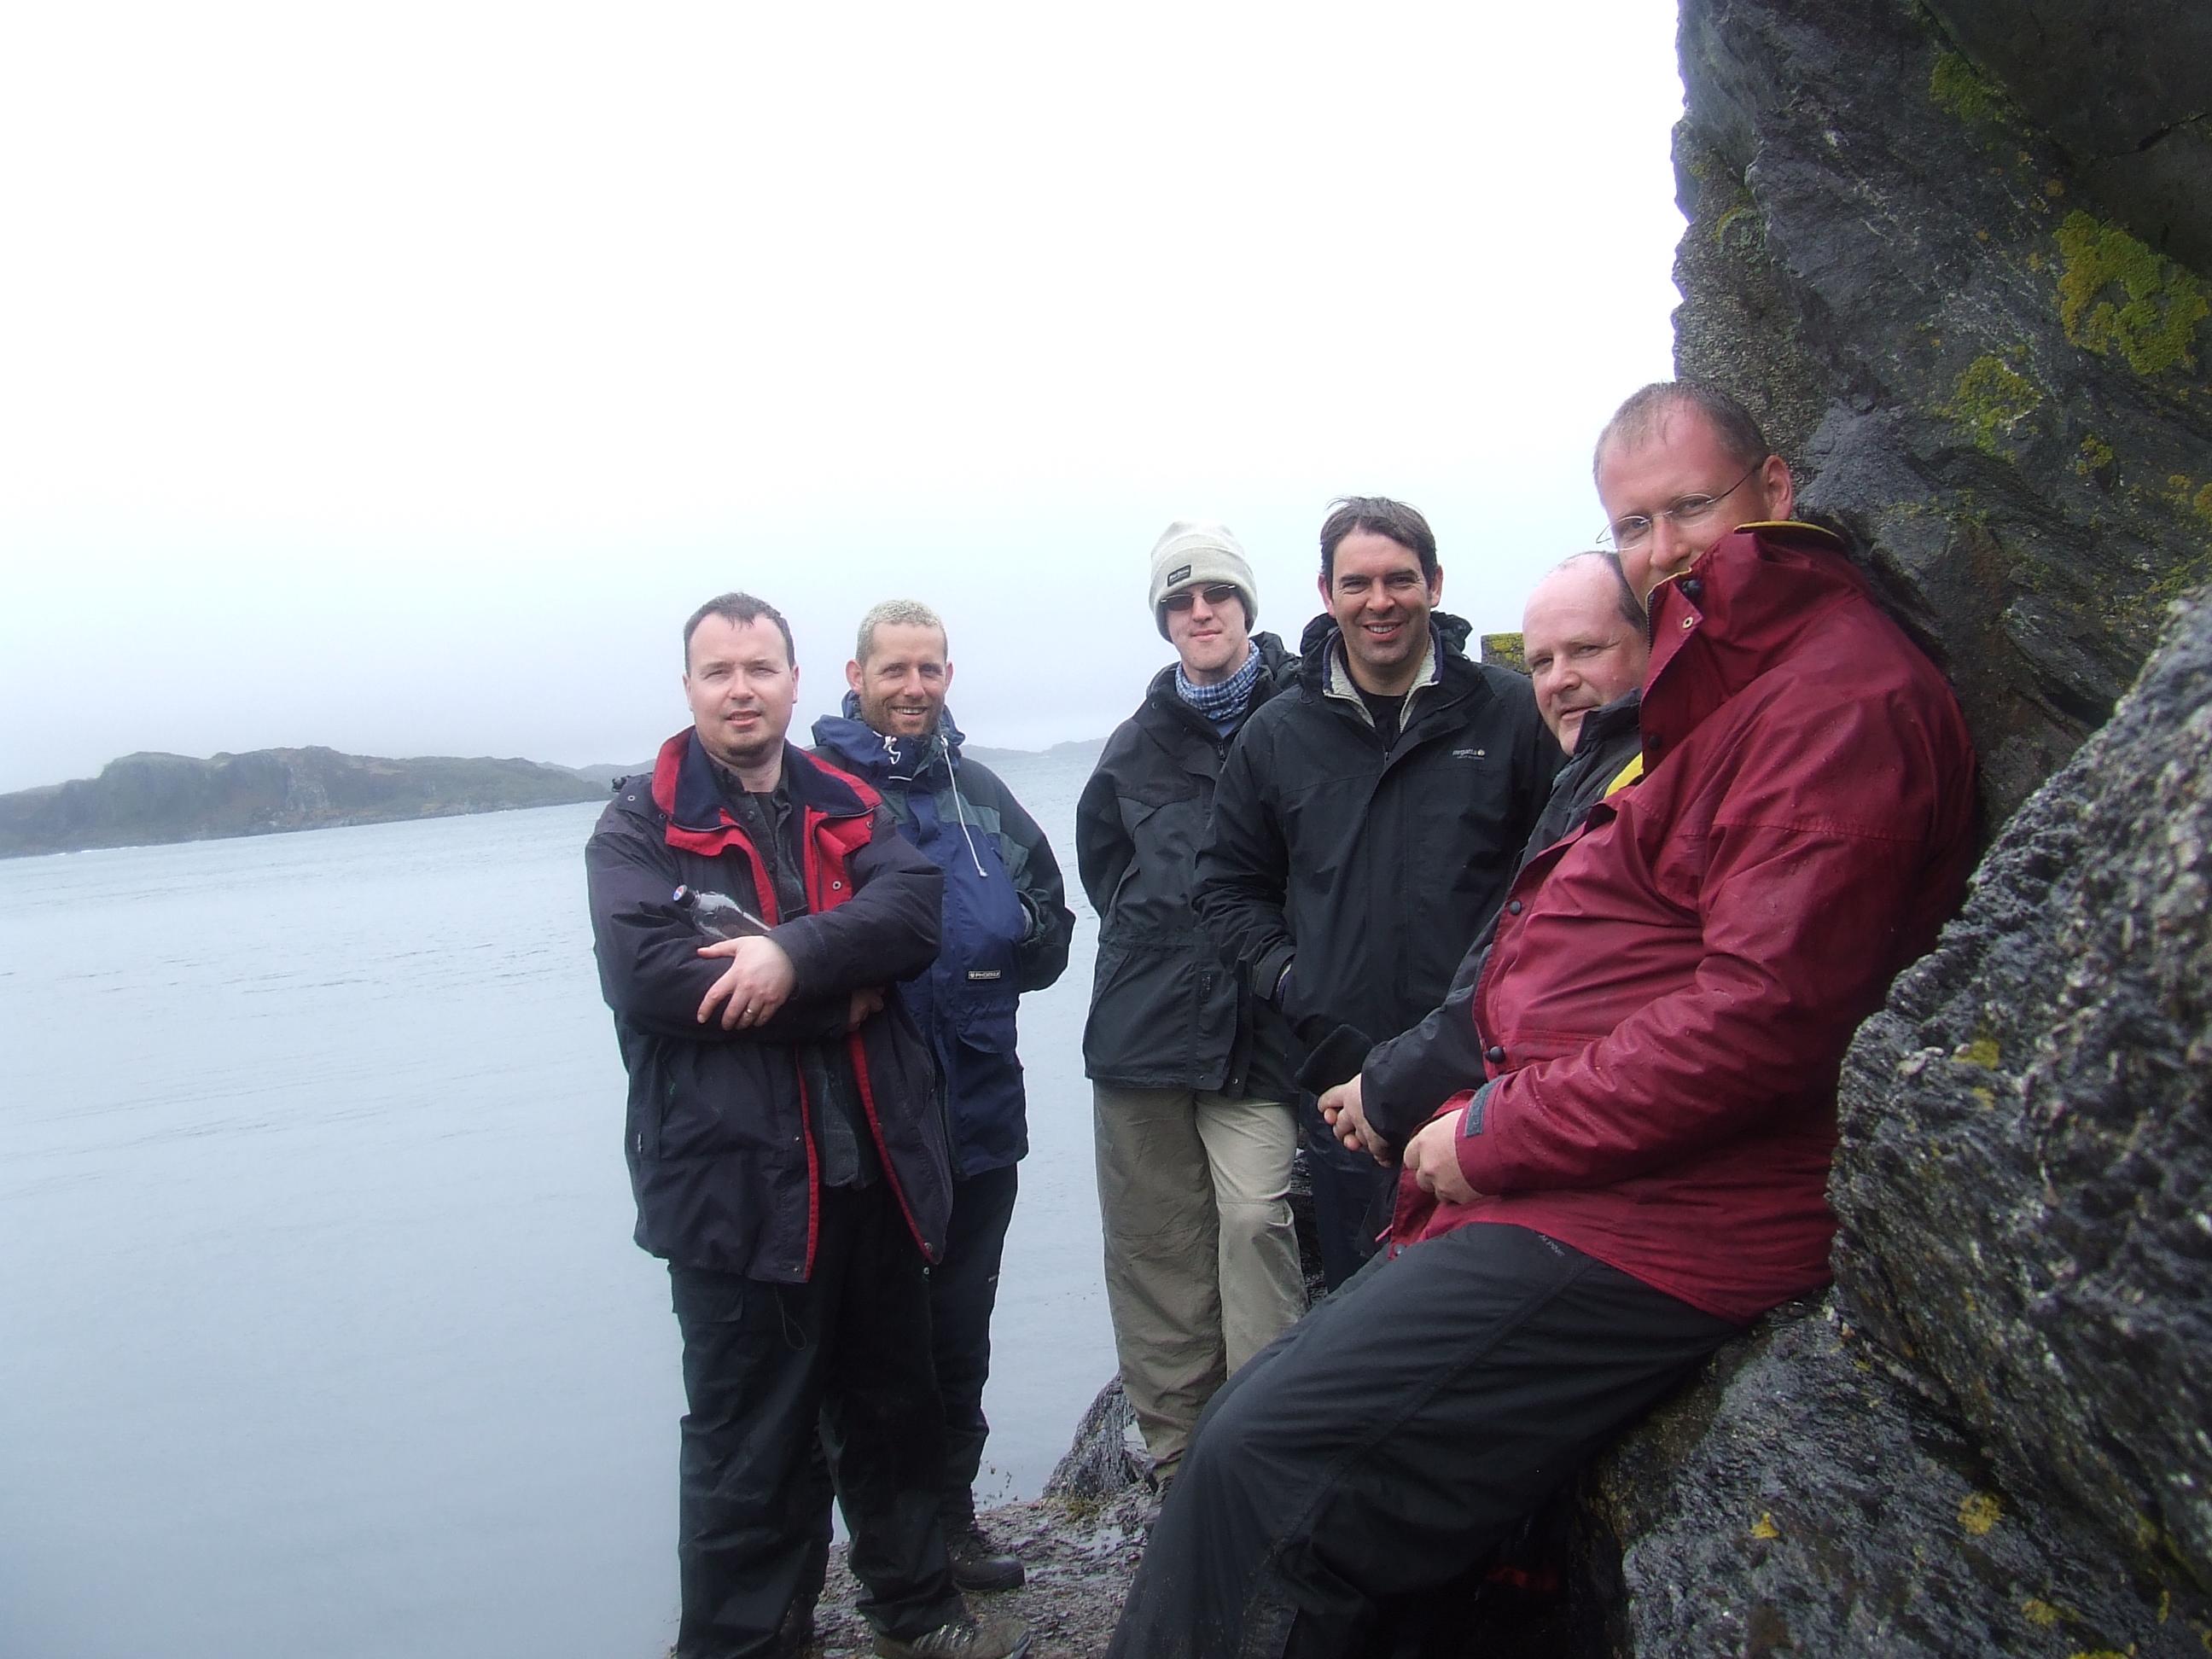 (L to R) Simon R, Nick, David, Andy, Simon M and me